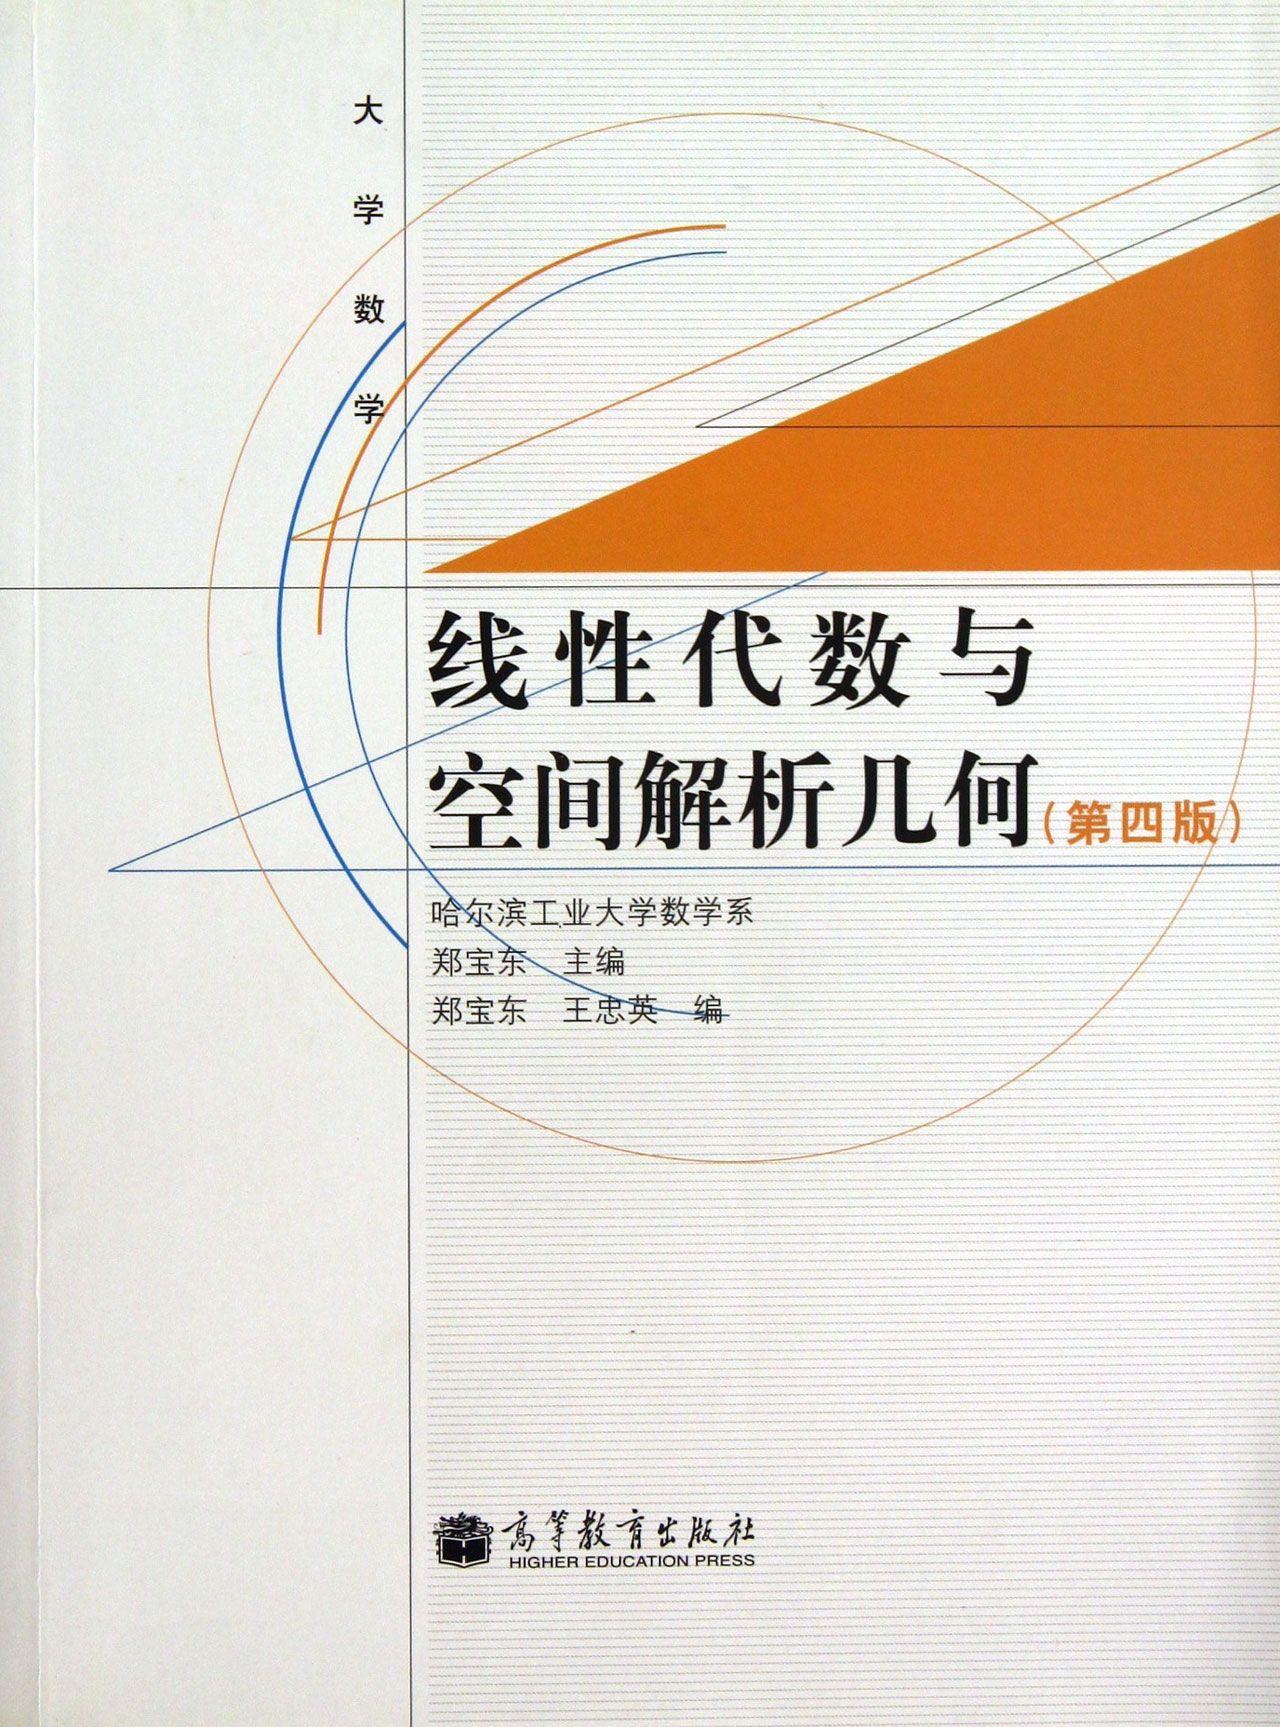 线性代数与空间解析几何(第4版大学数学)